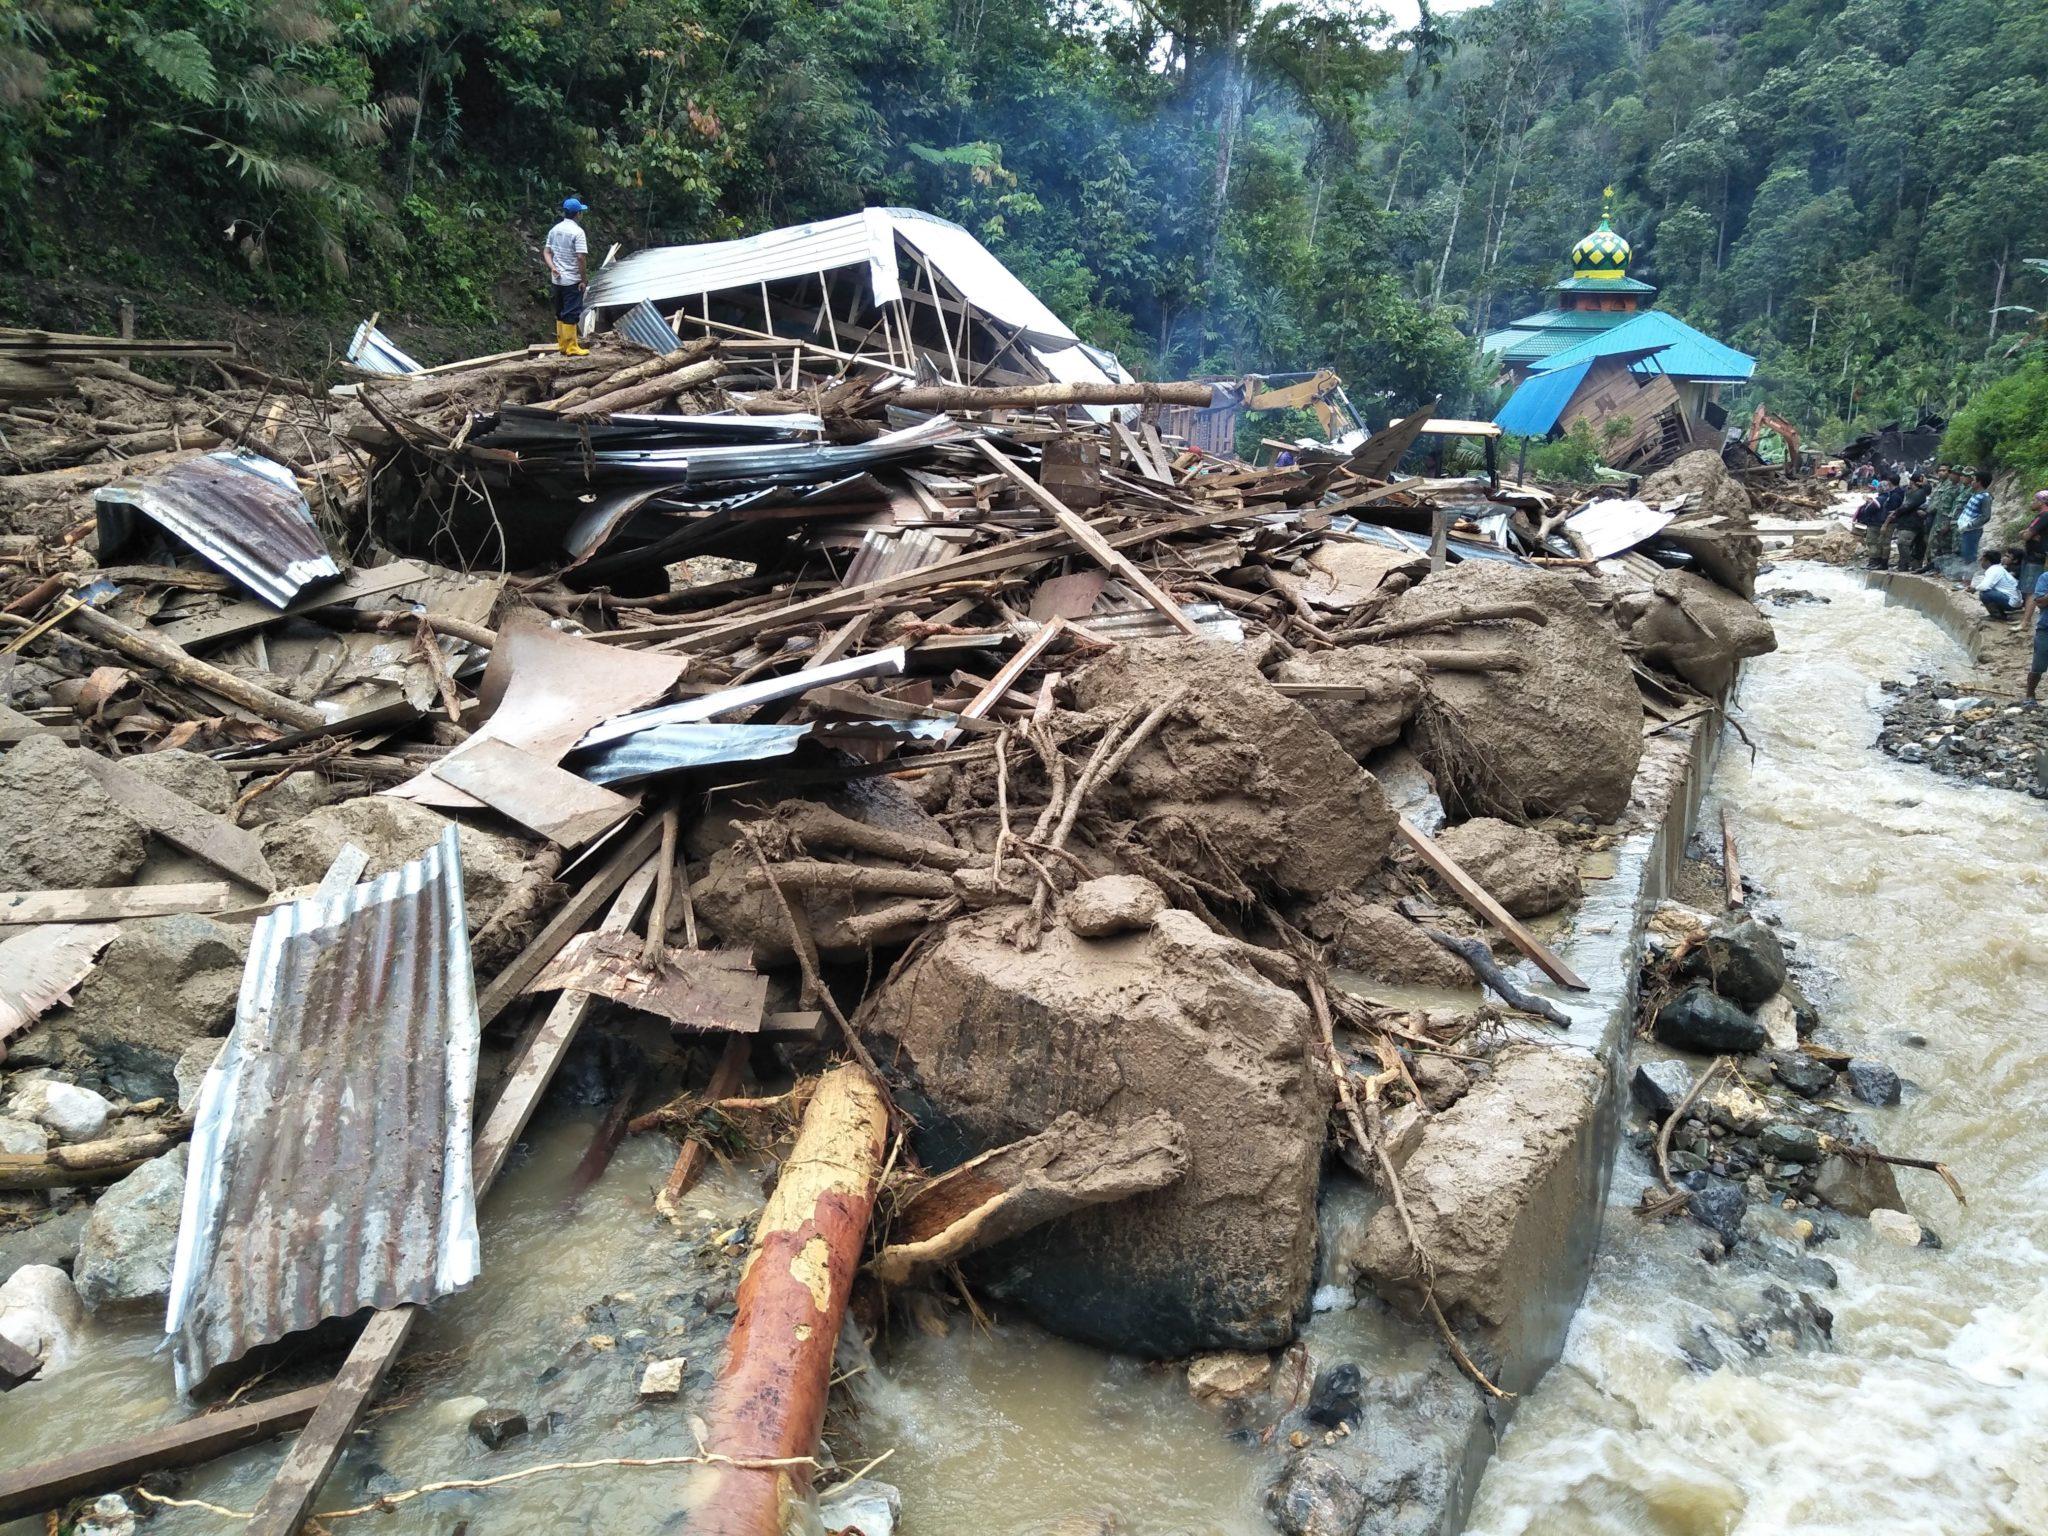 Indonezja: uszkodzone domy po powodzi, która uderzyła na północnej Sumatrze, fot. Agus Salim, PAP/EPA